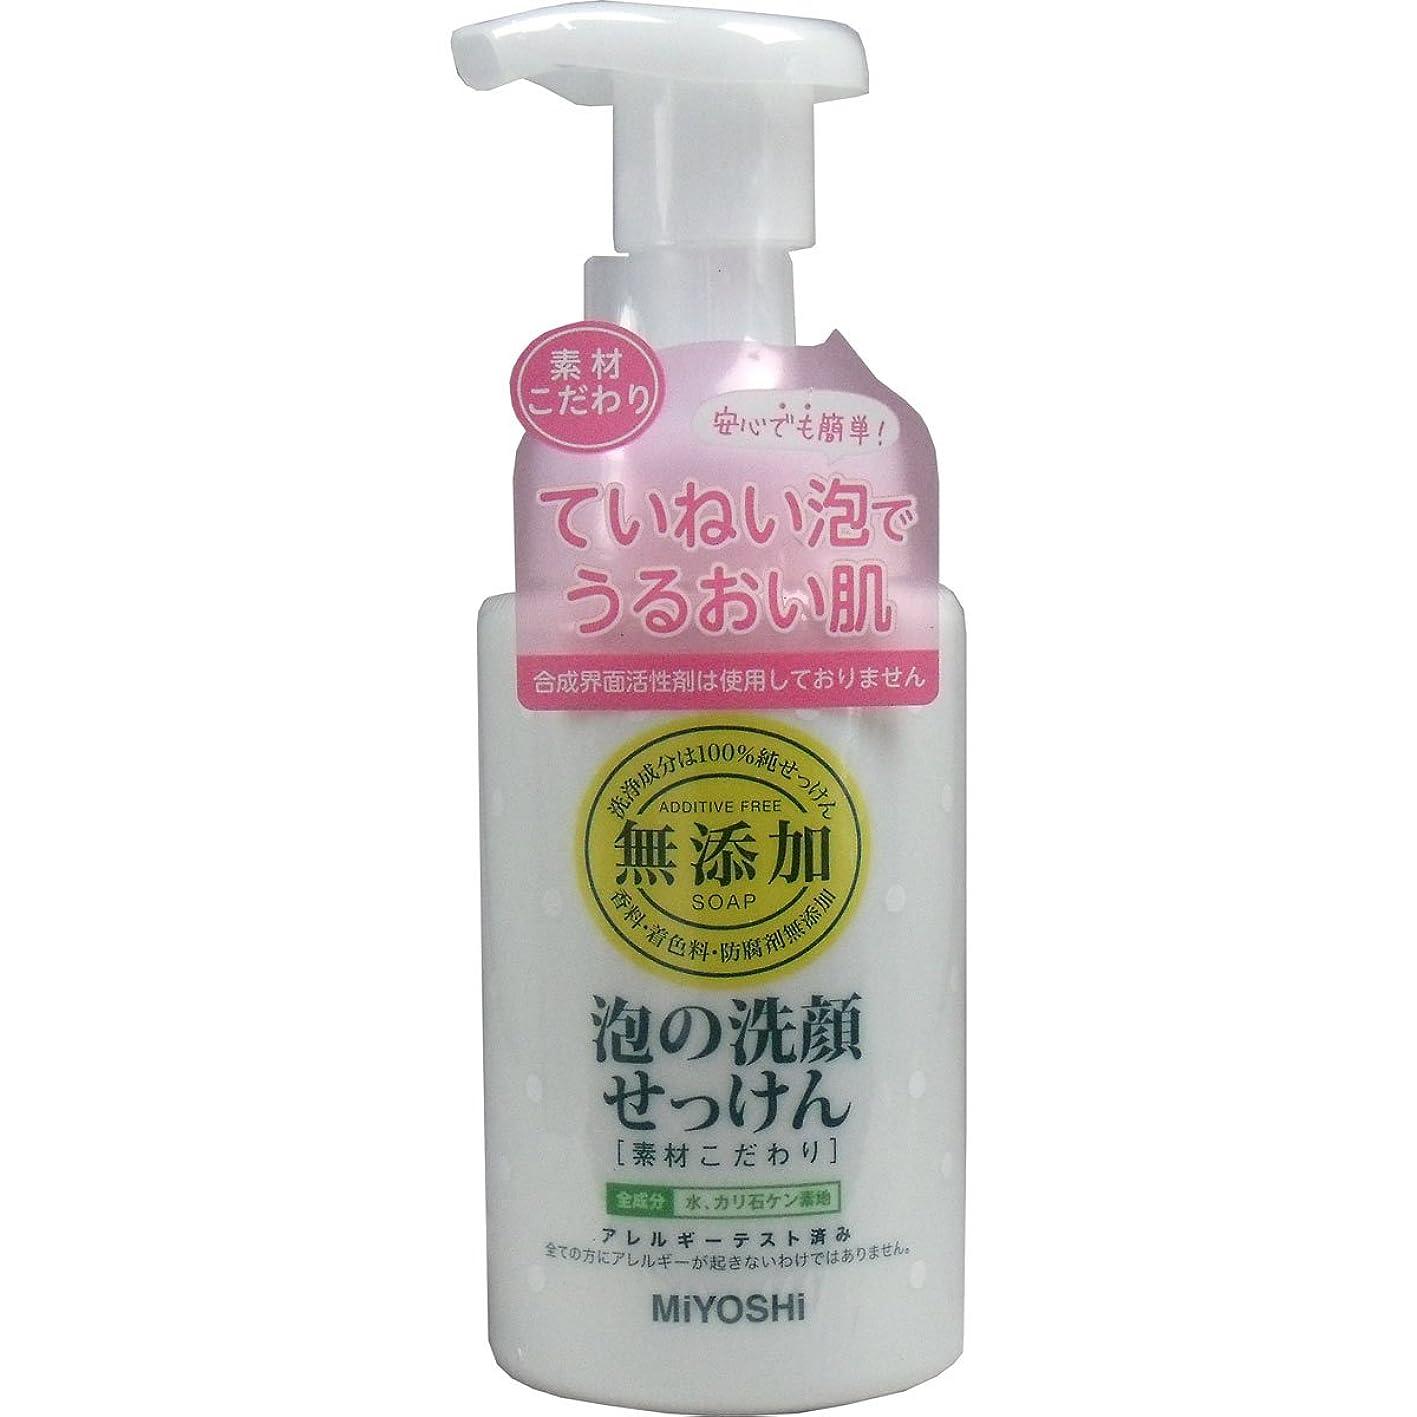 解明記述する真鍮【ミヨシ石鹸】無添加 泡の洗顔せっけん 200ml ×5個セット